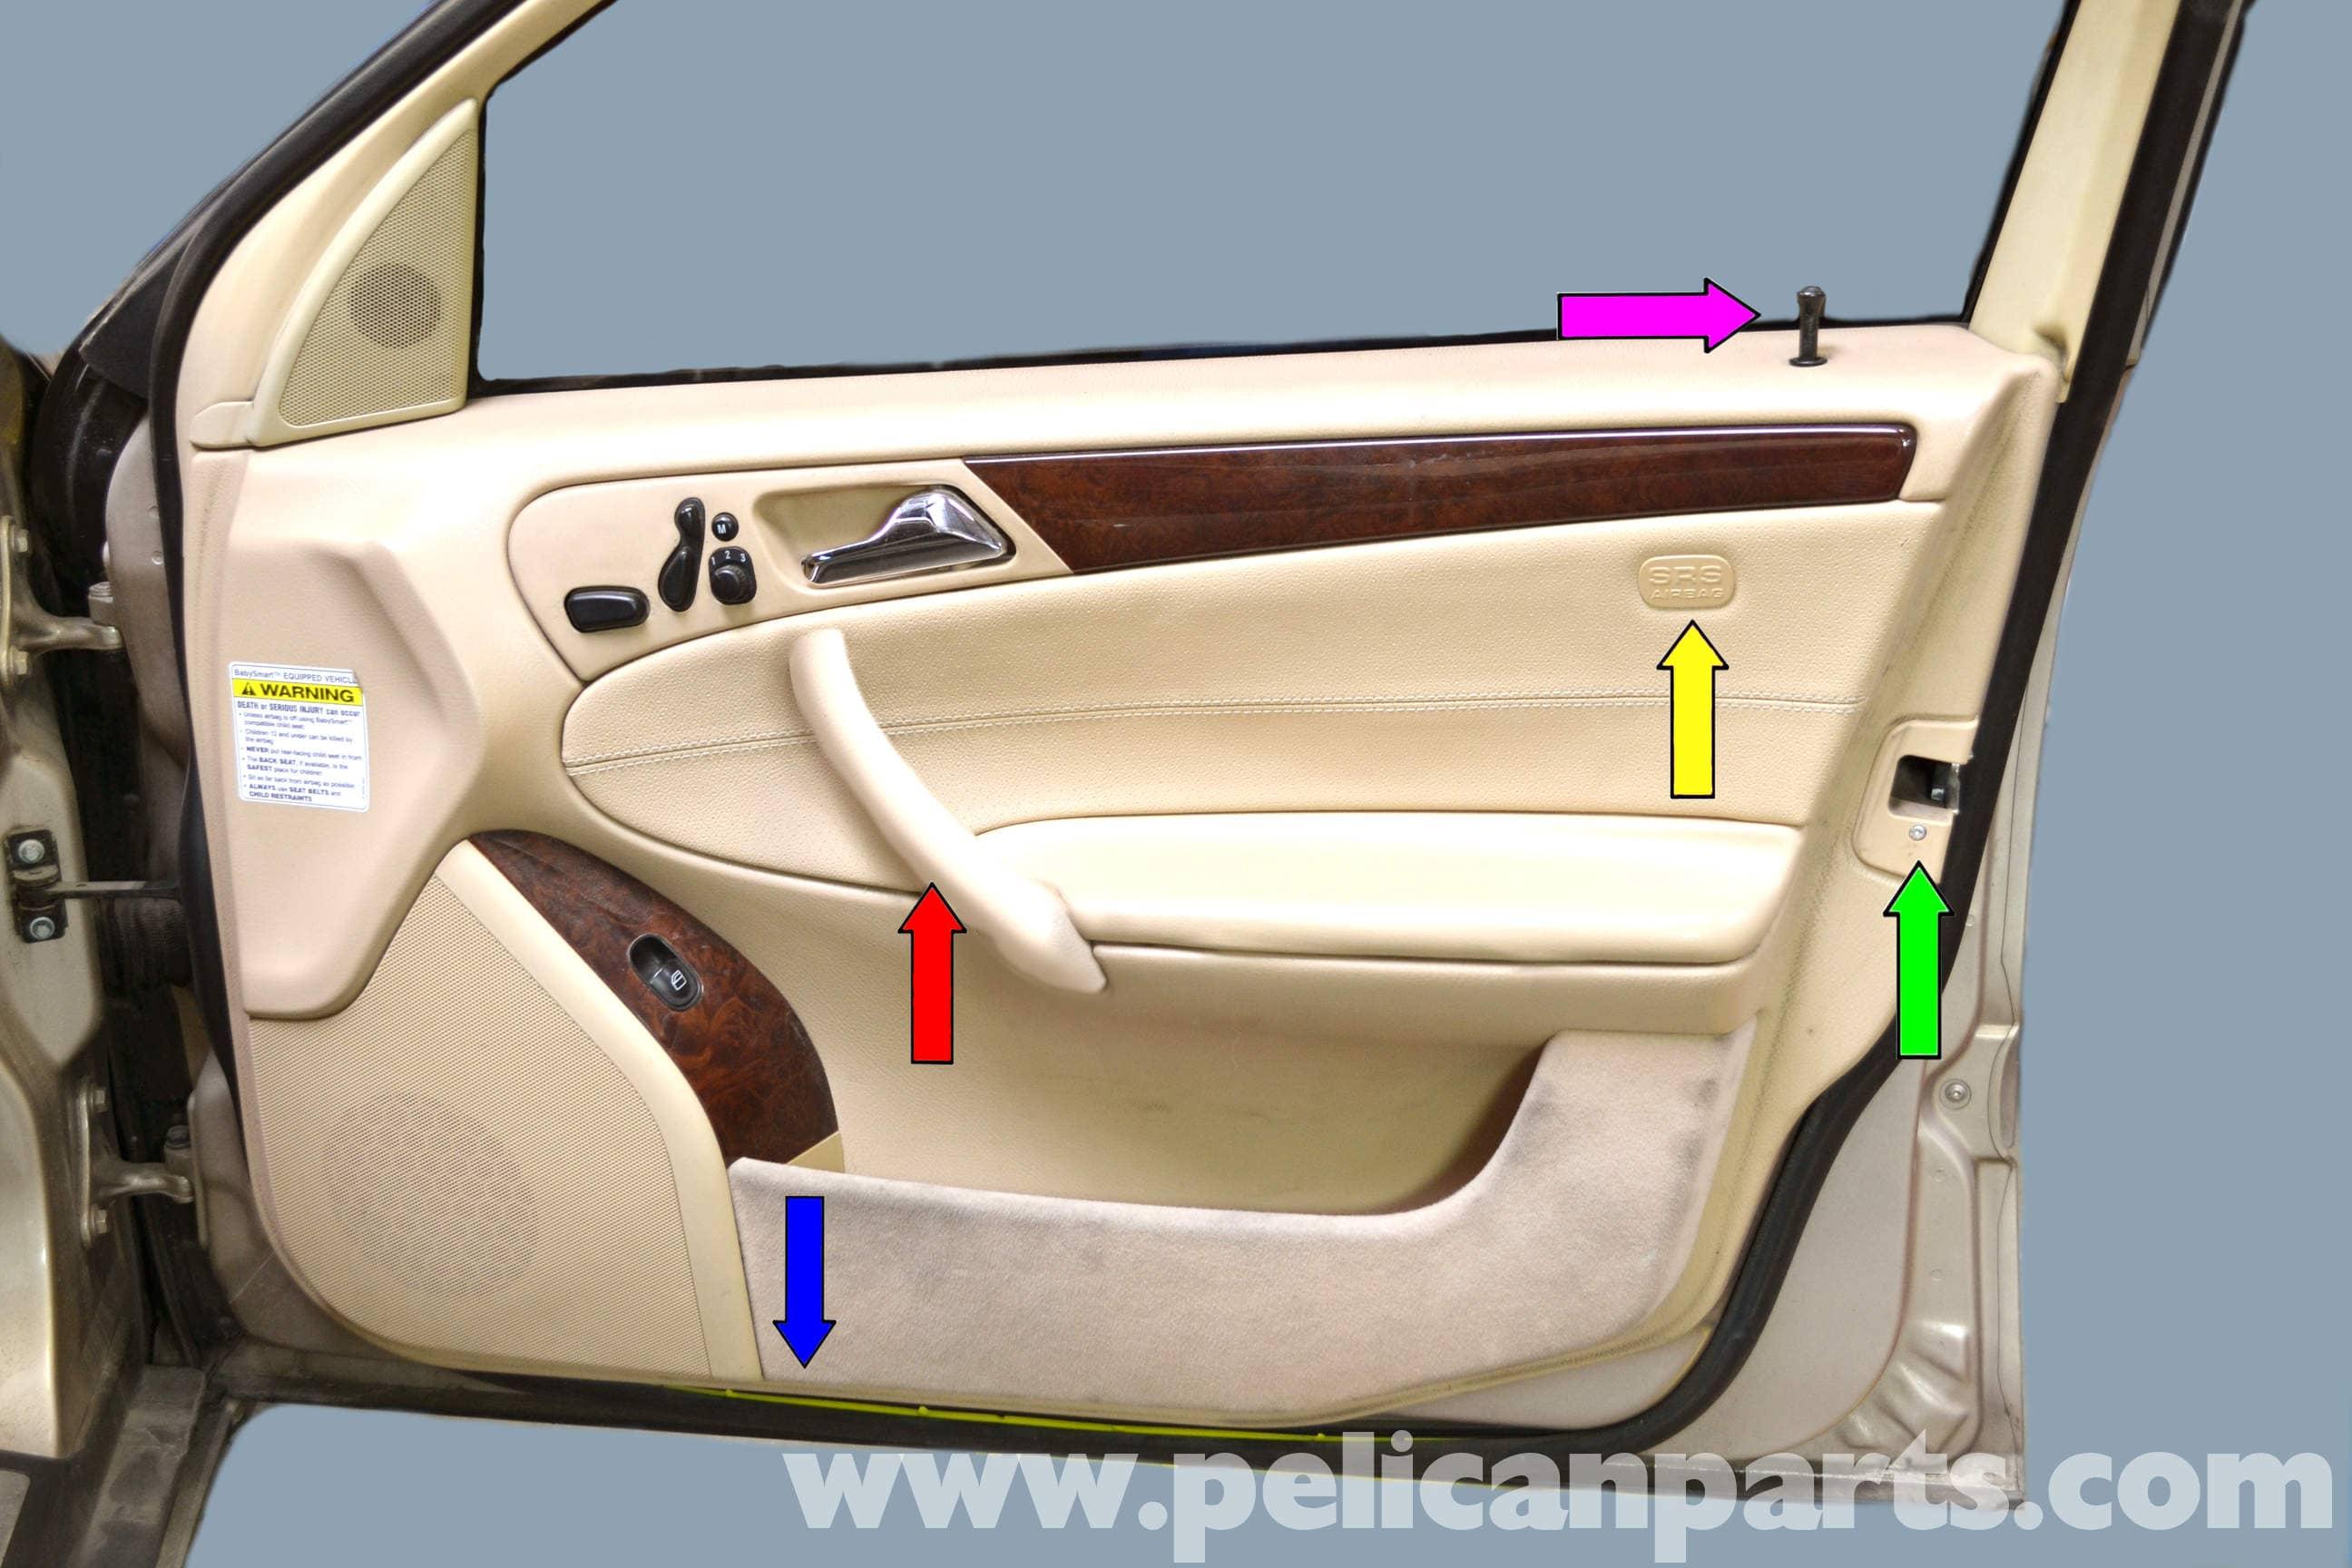 mercedes-benz w203 front door panel removal - (2001-2007) c230